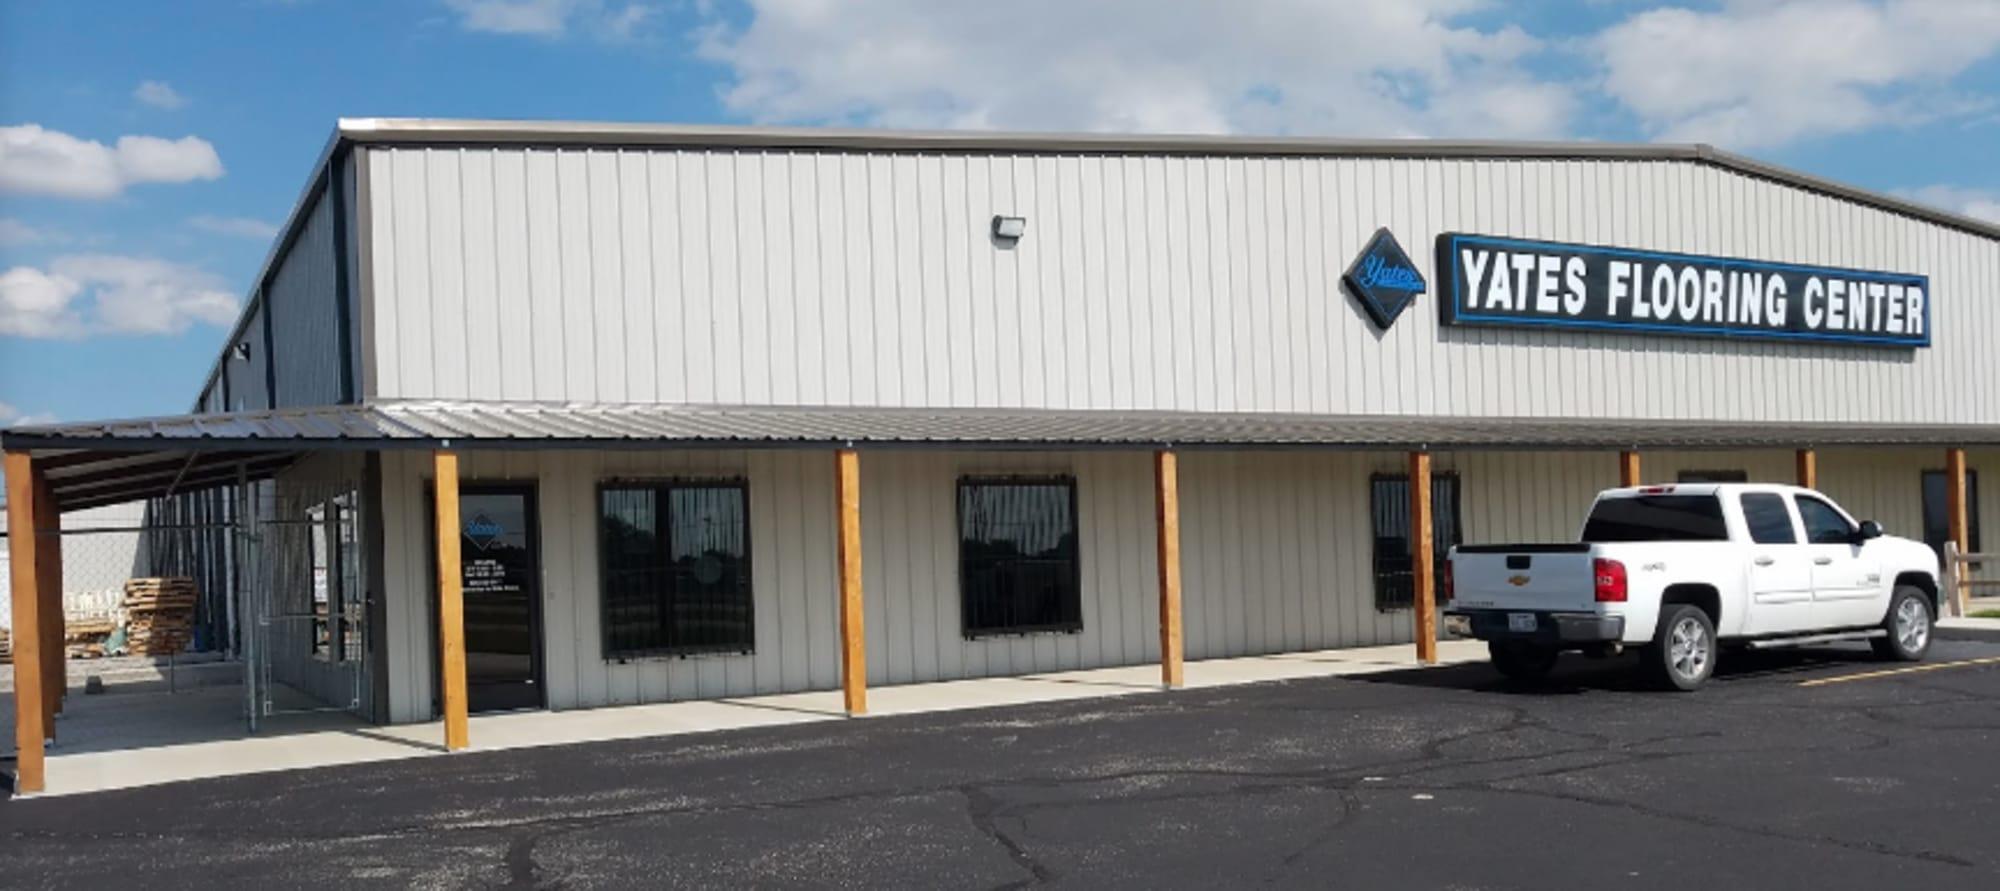 Yates Flooring - 14521 I-27 Amarillo, TX 79119